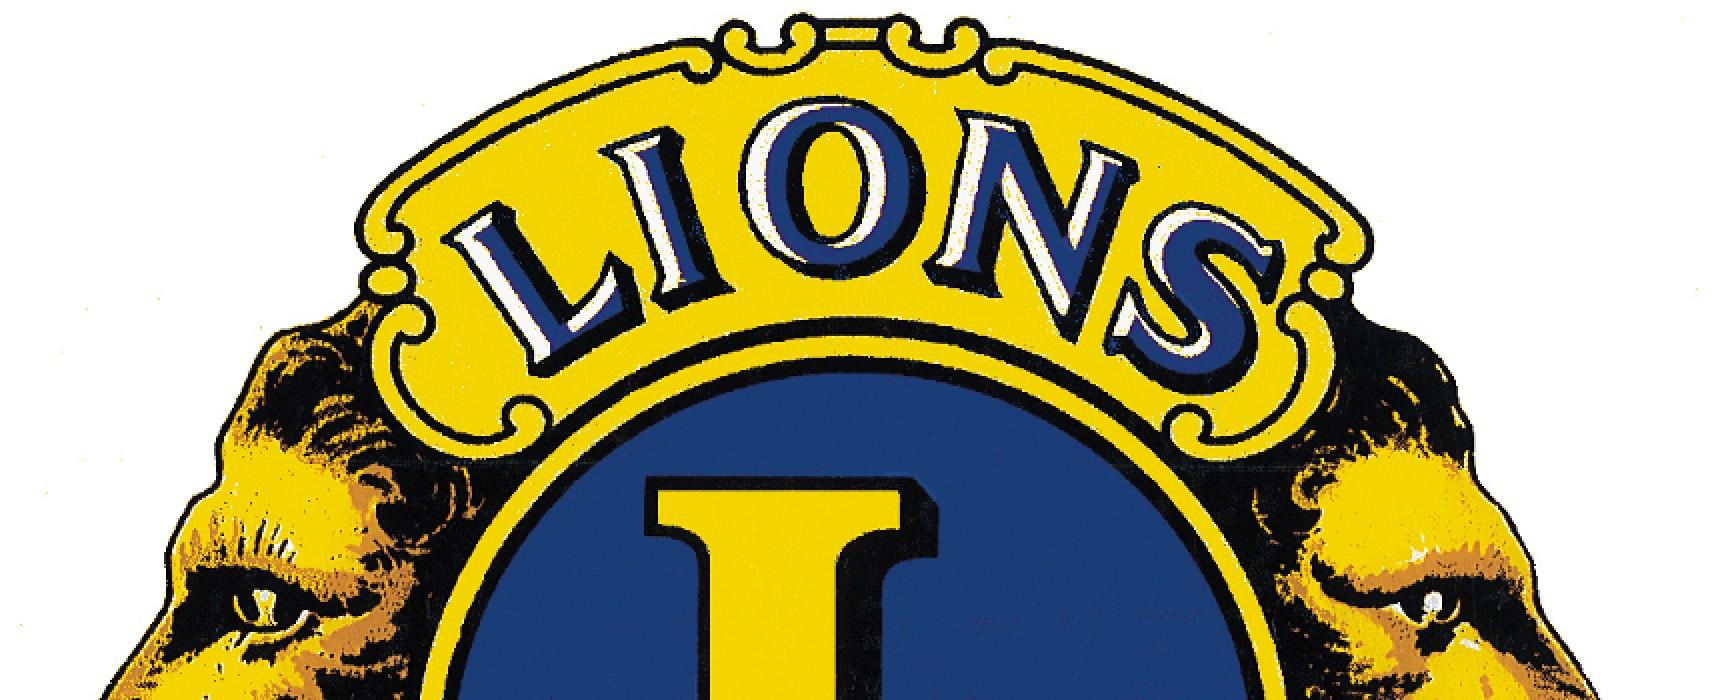 Etica, competitività e gestione delle società calcistiche nel convegno del Lions Club